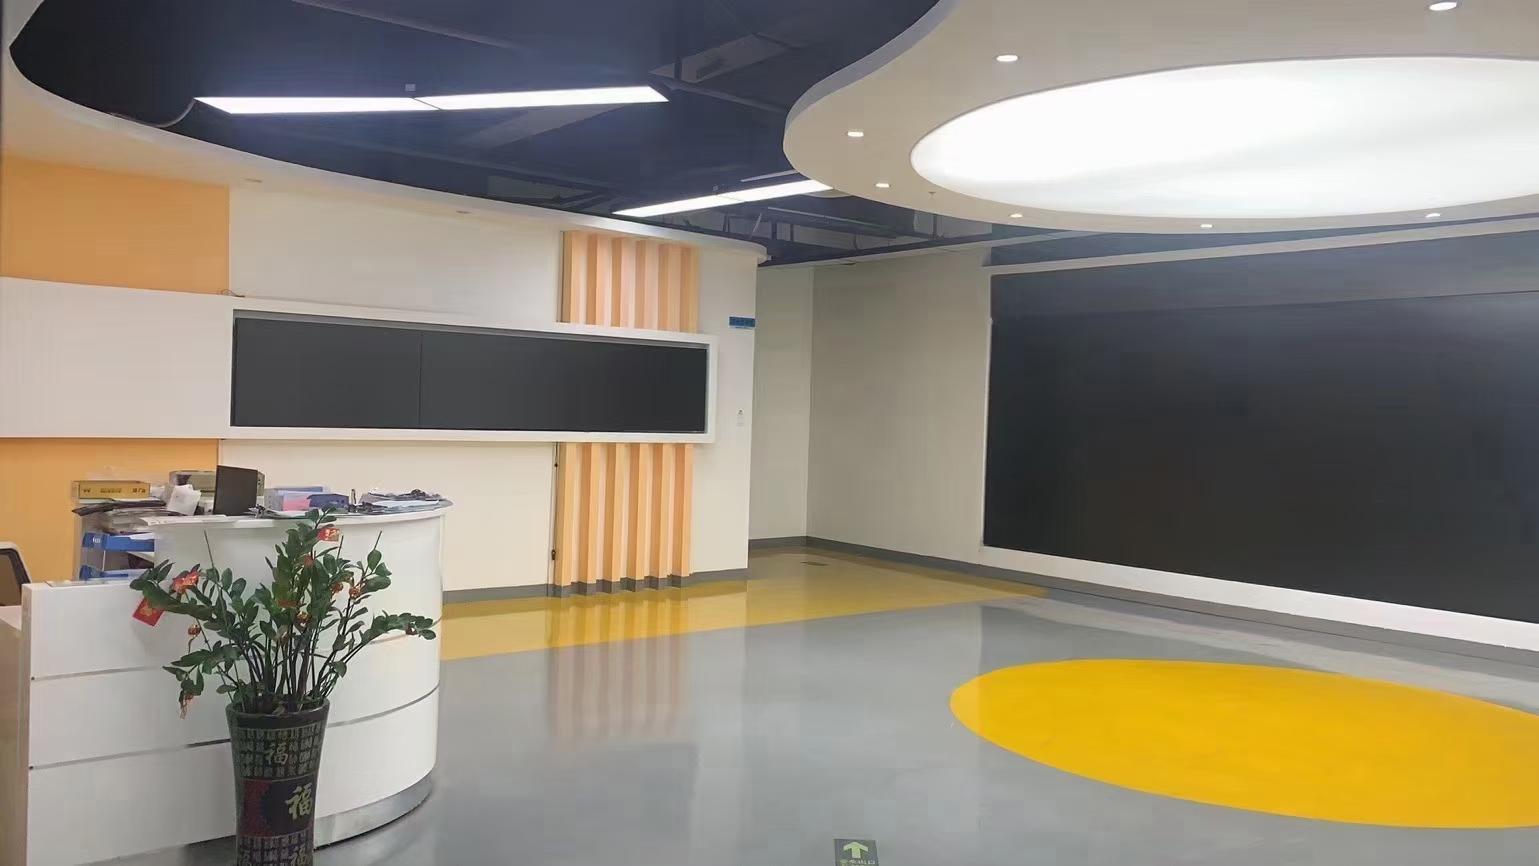 福永和平楼上3300平豪华装修厂房仓库出租